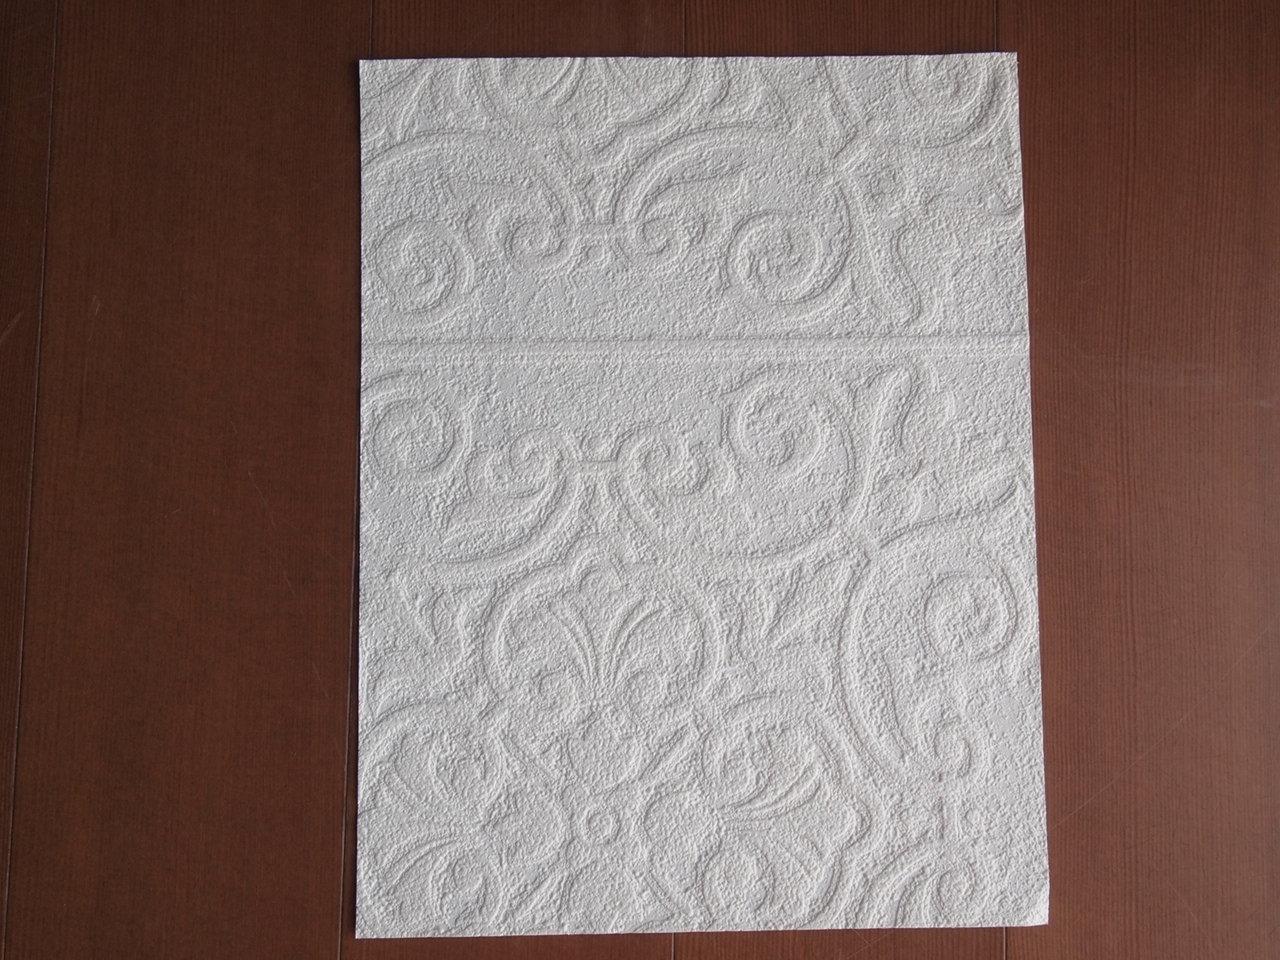 記録簿 壁紙 床材のサンプル 天井